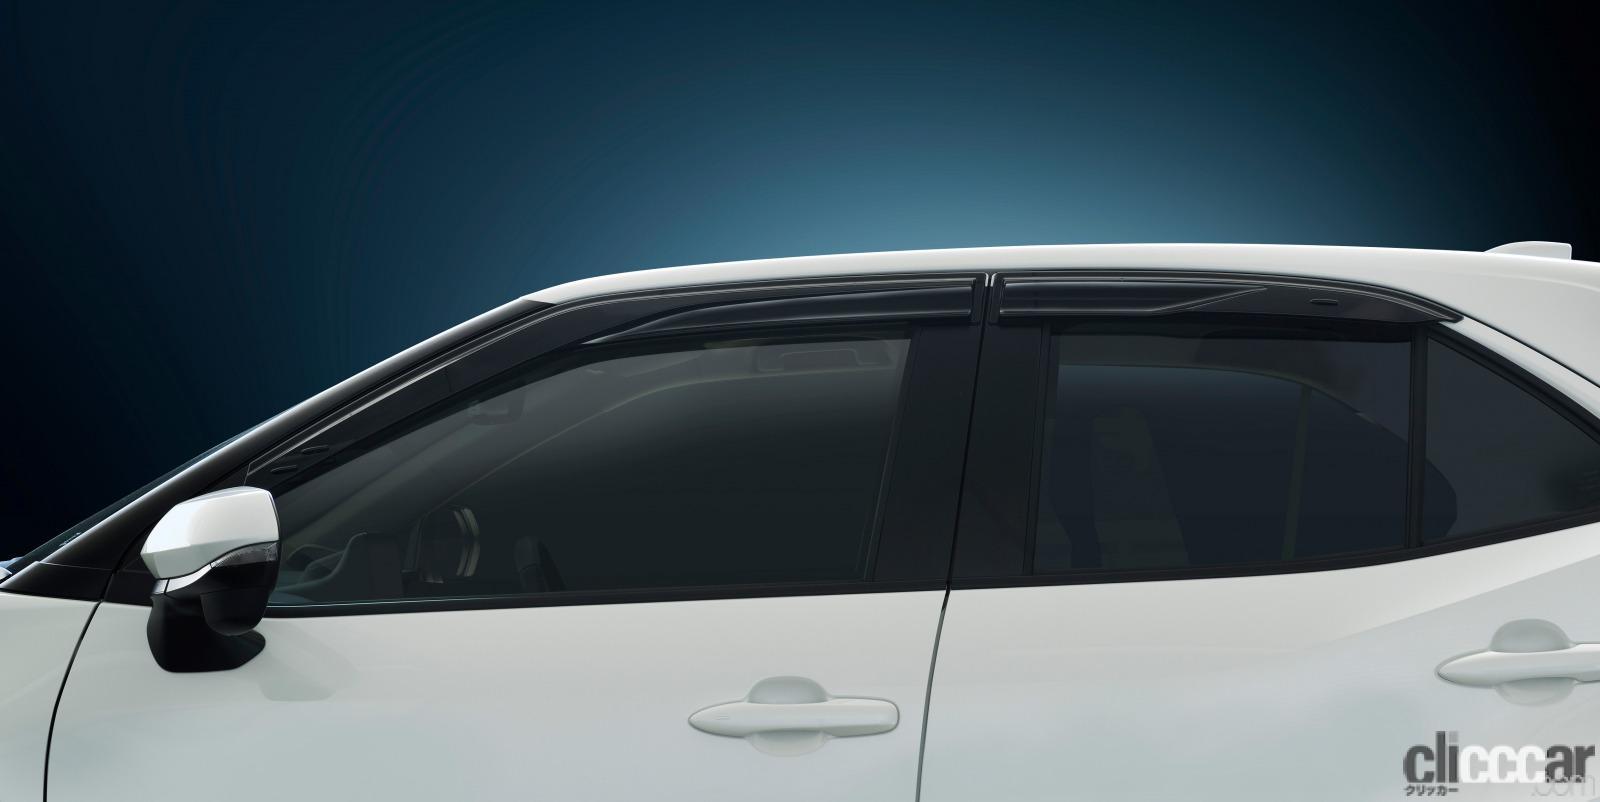 「トヨタ・ヤリスクロスに優れた換気性能と操縦安定性の向上に寄与する「GR スポーツサイドバイザー」を追加」の1枚目の画像